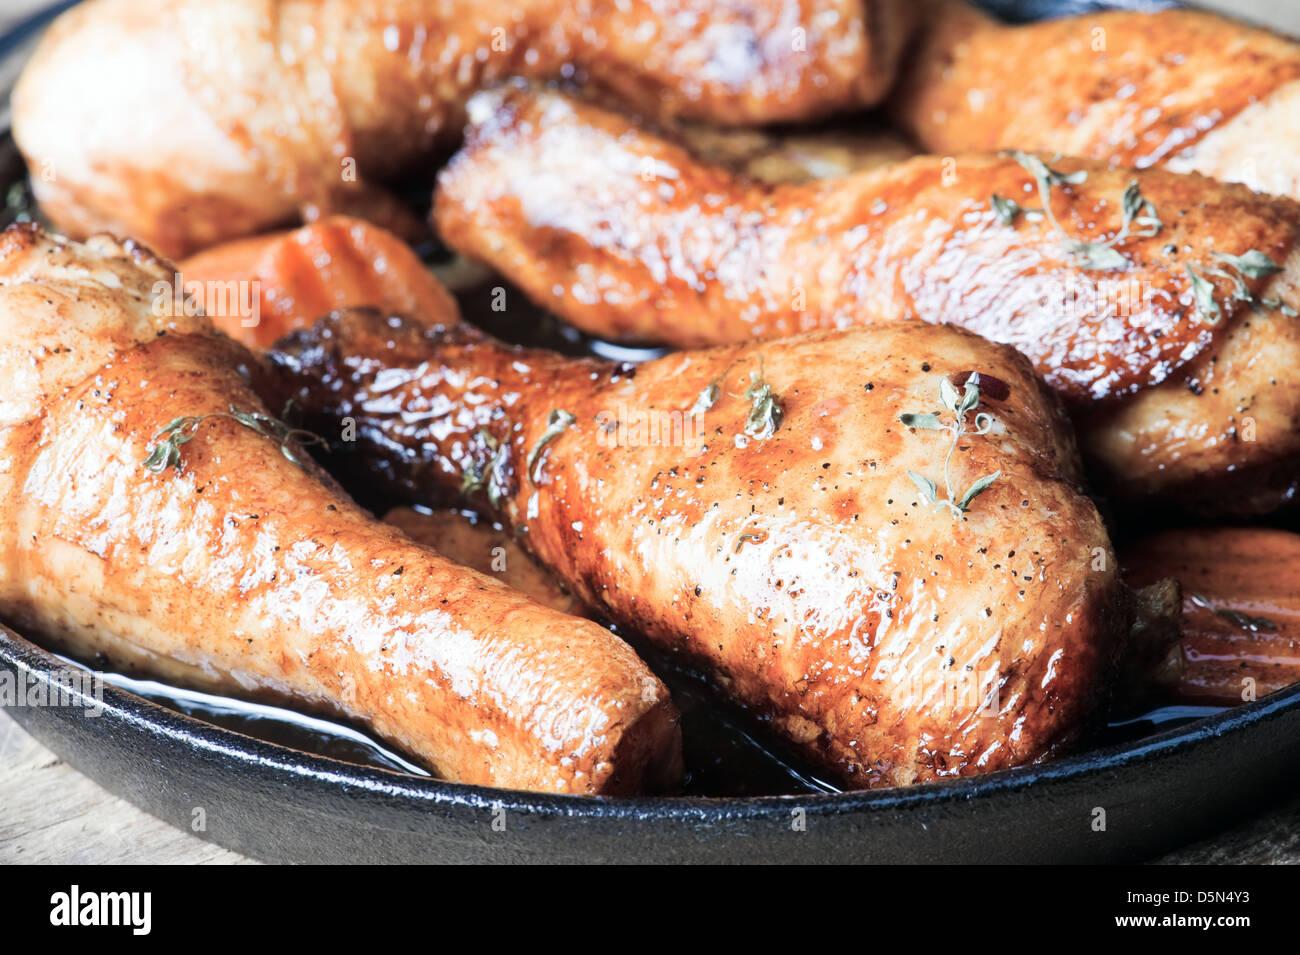 Cuisses de poulet frit avec croûte dorée Photo Stock